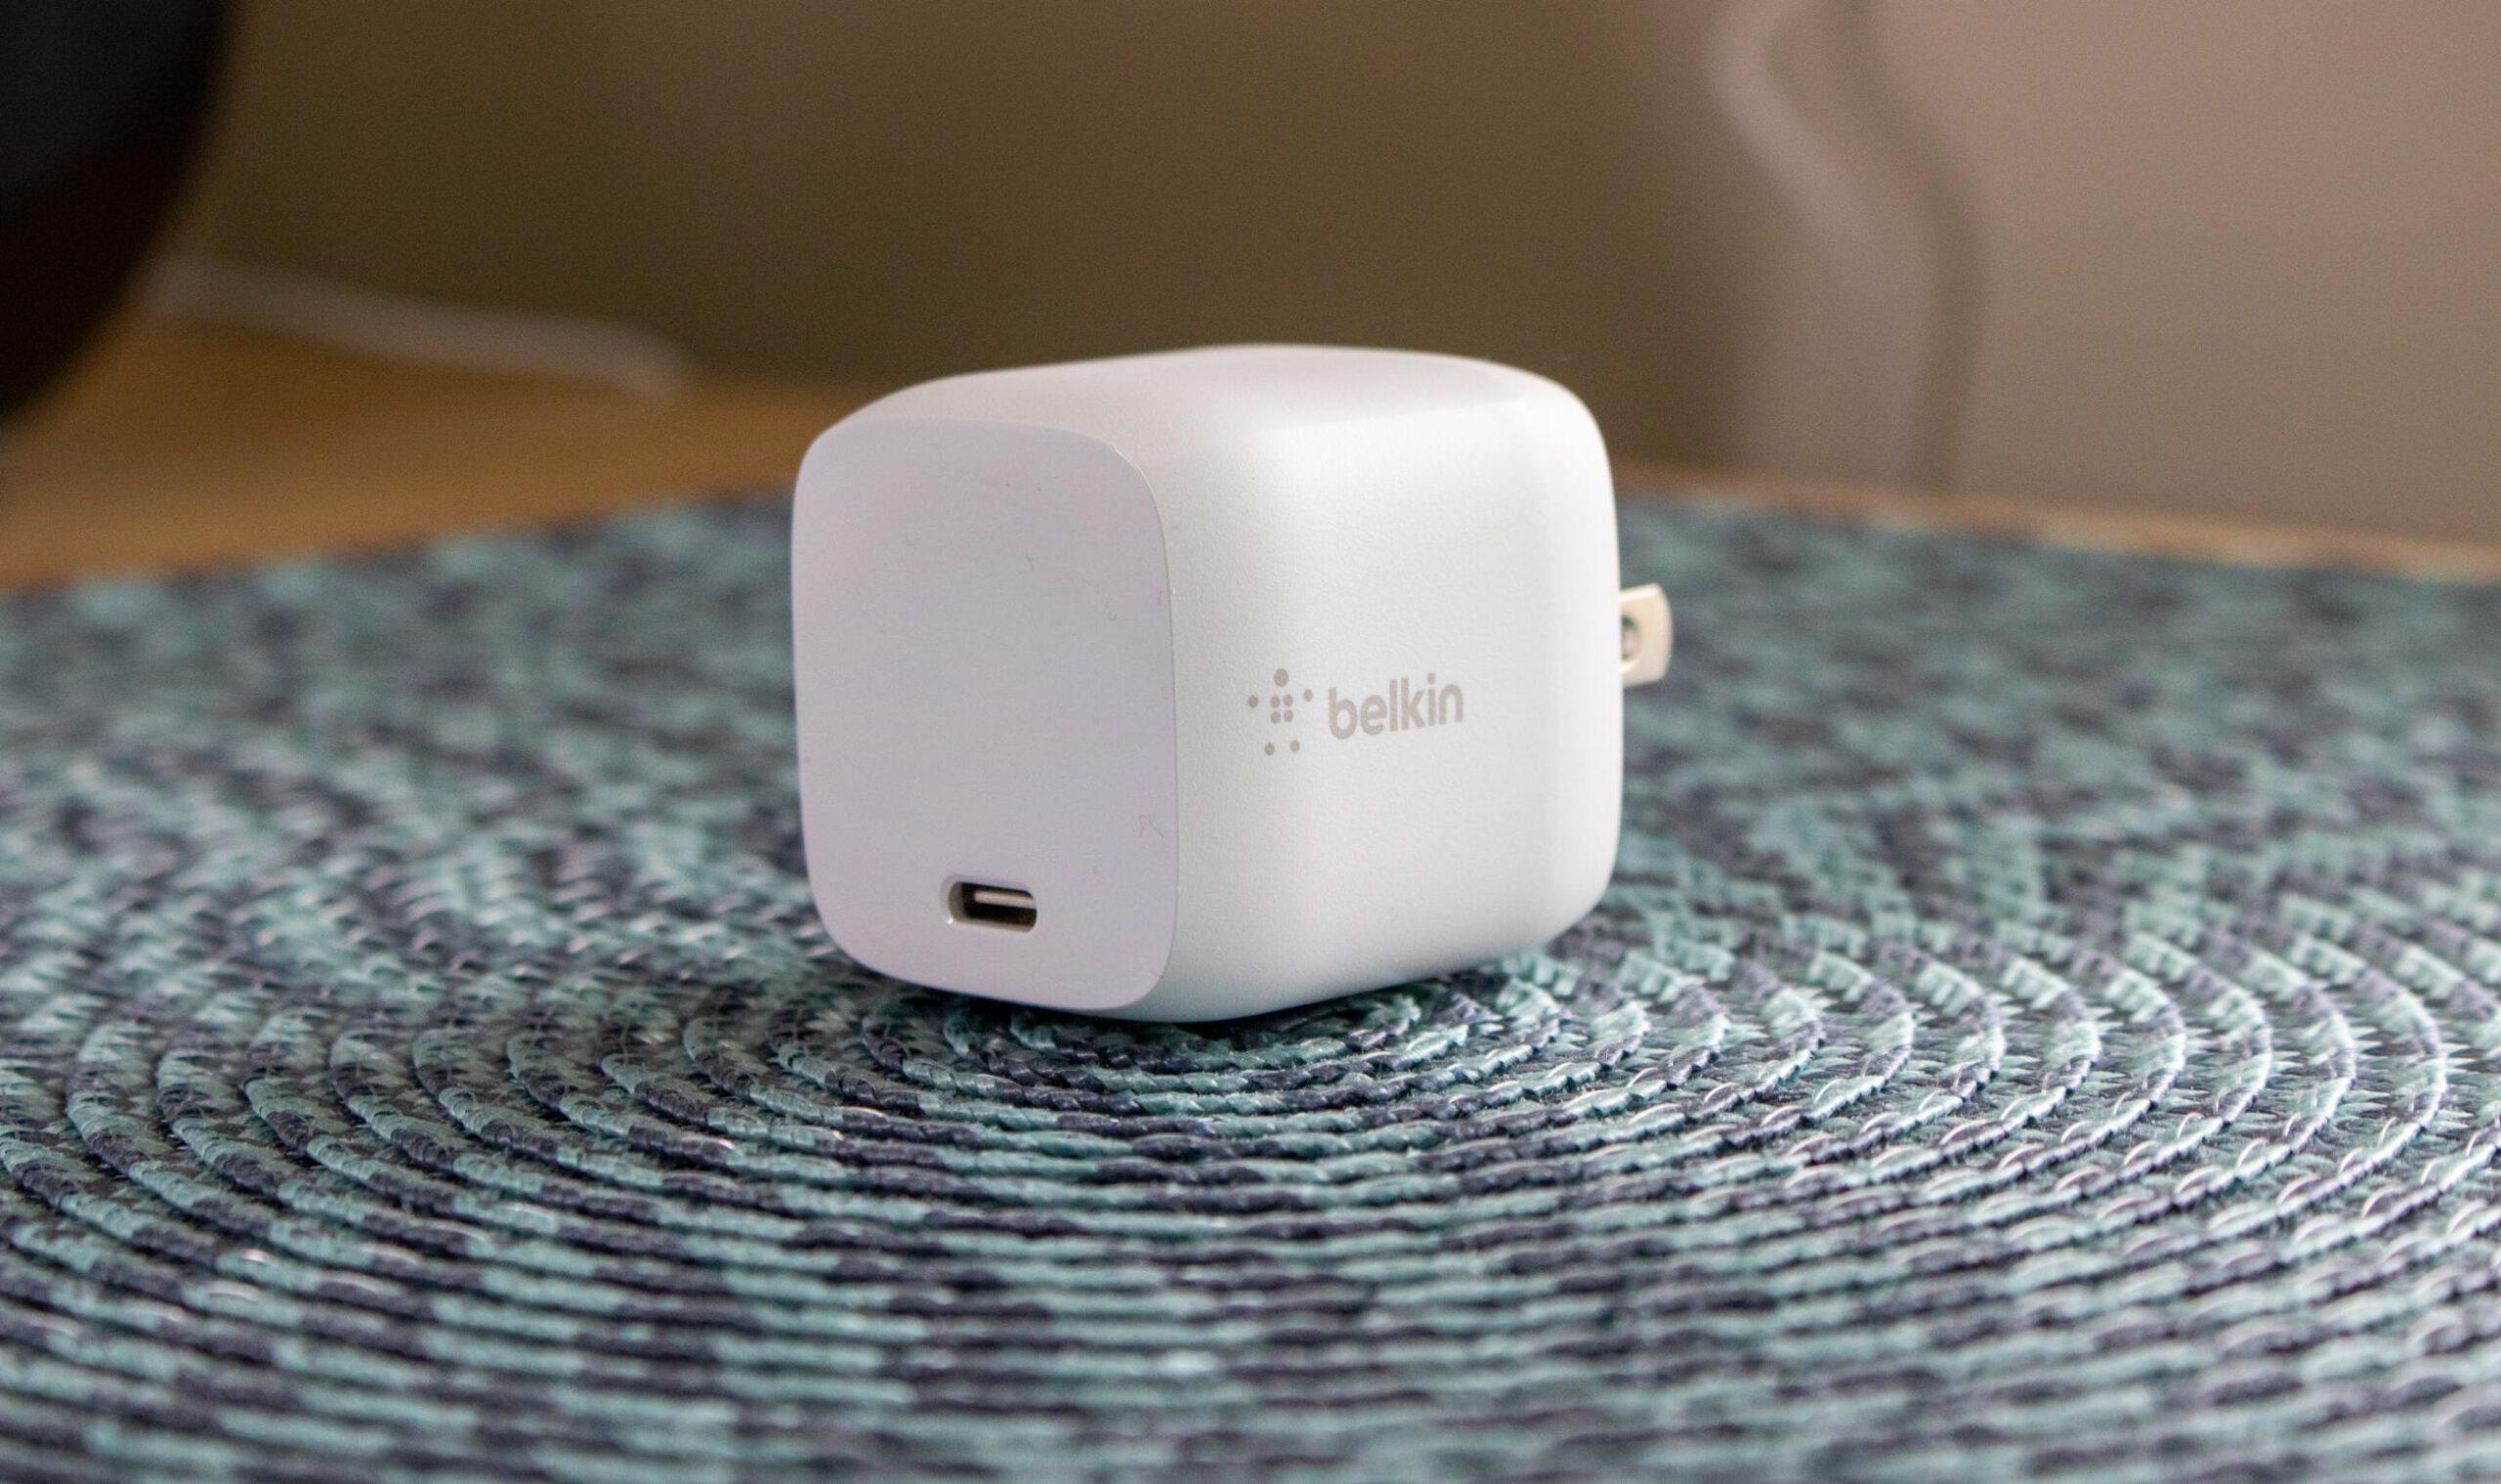 بهترین شارژر برای گوشی های سری آیفون 12 از سایر کمپانی ها